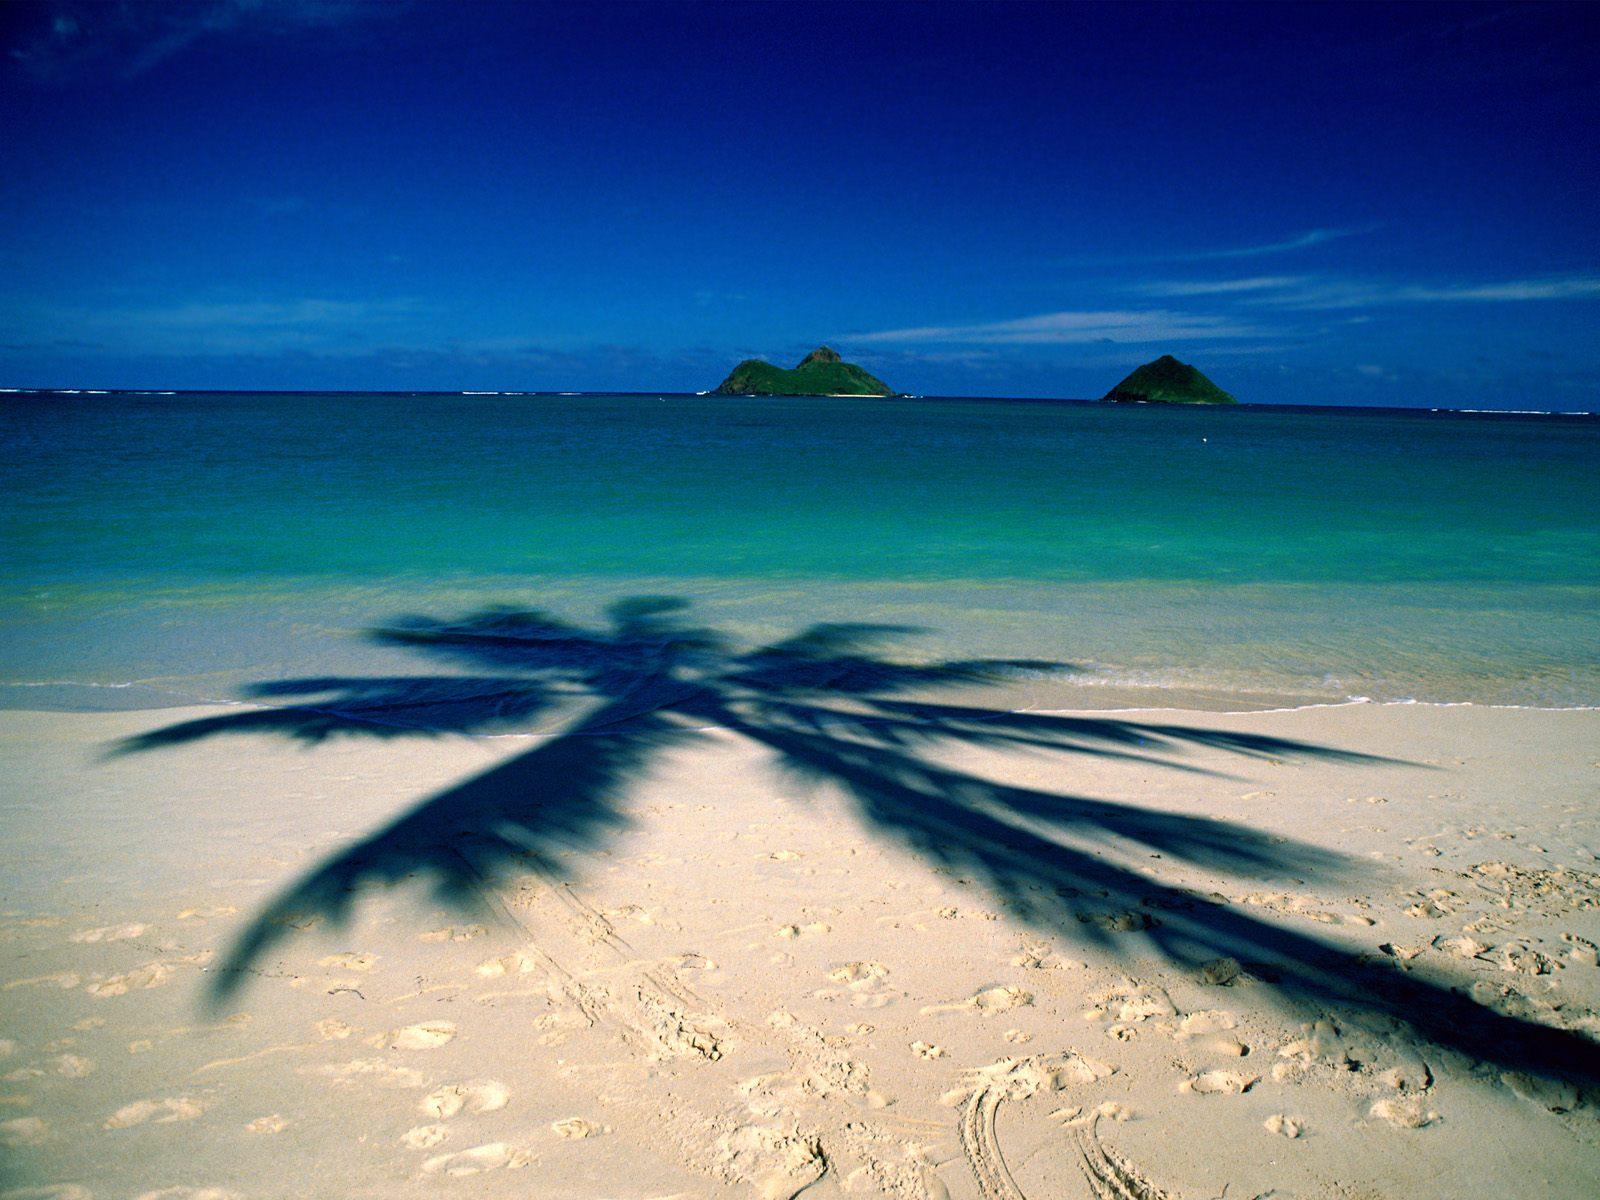 http://4.bp.blogspot.com/-C2n1eFHtzvg/TtF1FxV_bTI/AAAAAAAAFNo/D7qECSPHl3w/s1600/hawaii+lanikai-beach.jpg